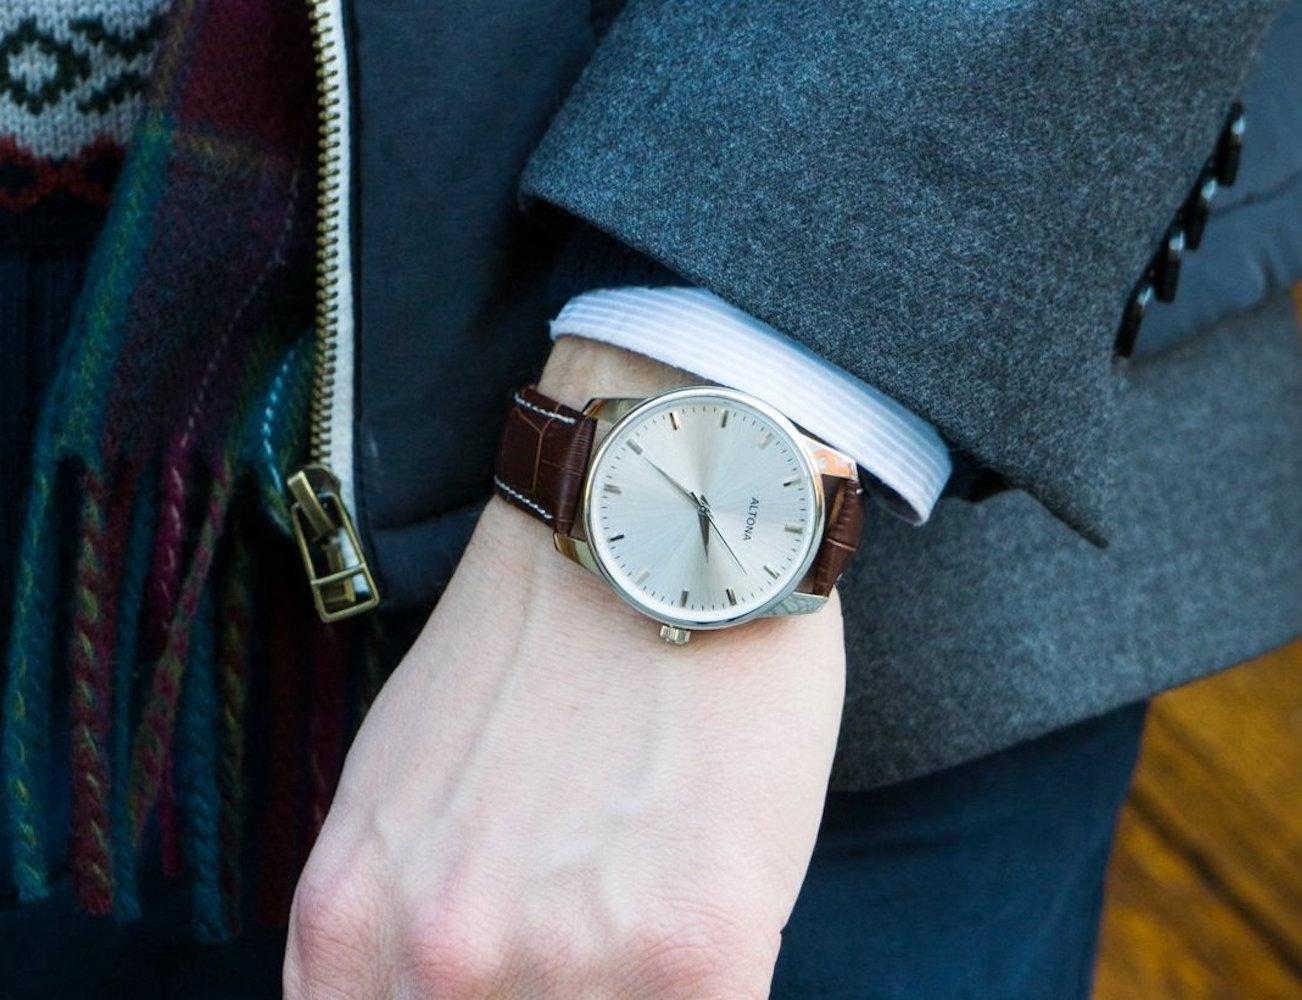 Movitz Watch by ALTONA